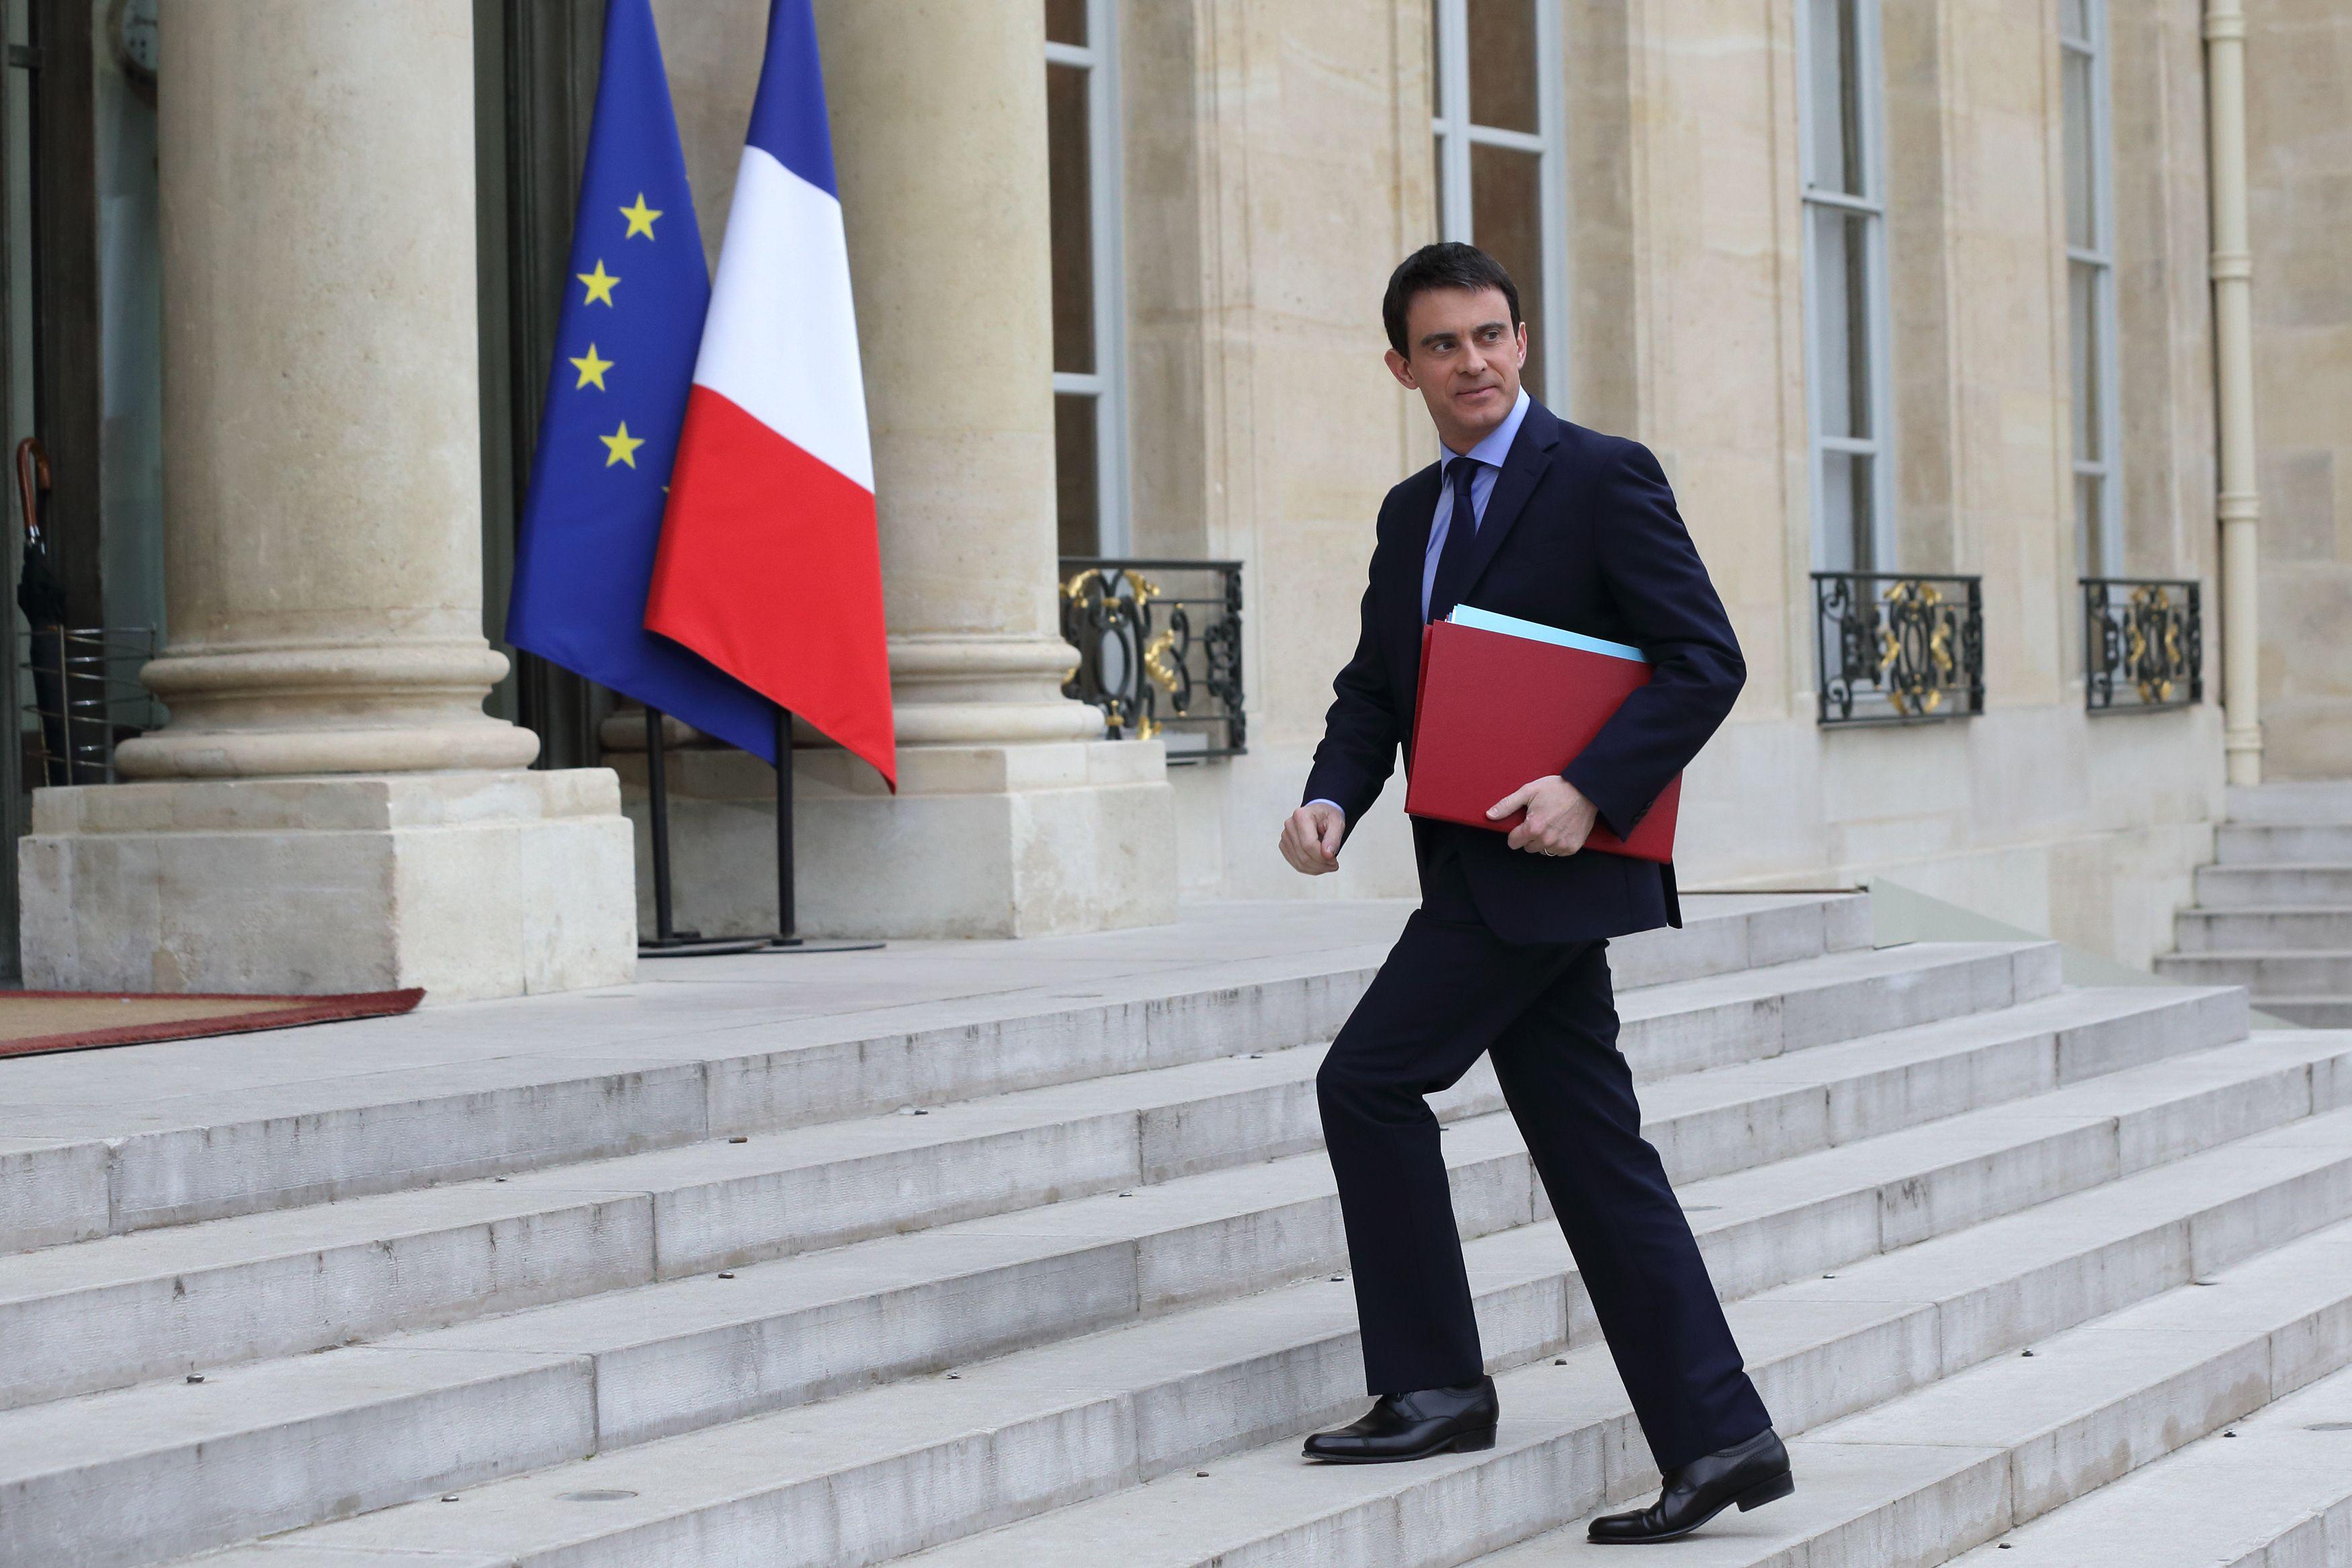 L'arrivée de Manuel Valls à Matignon  est plutôt bien accueillie par les marchés